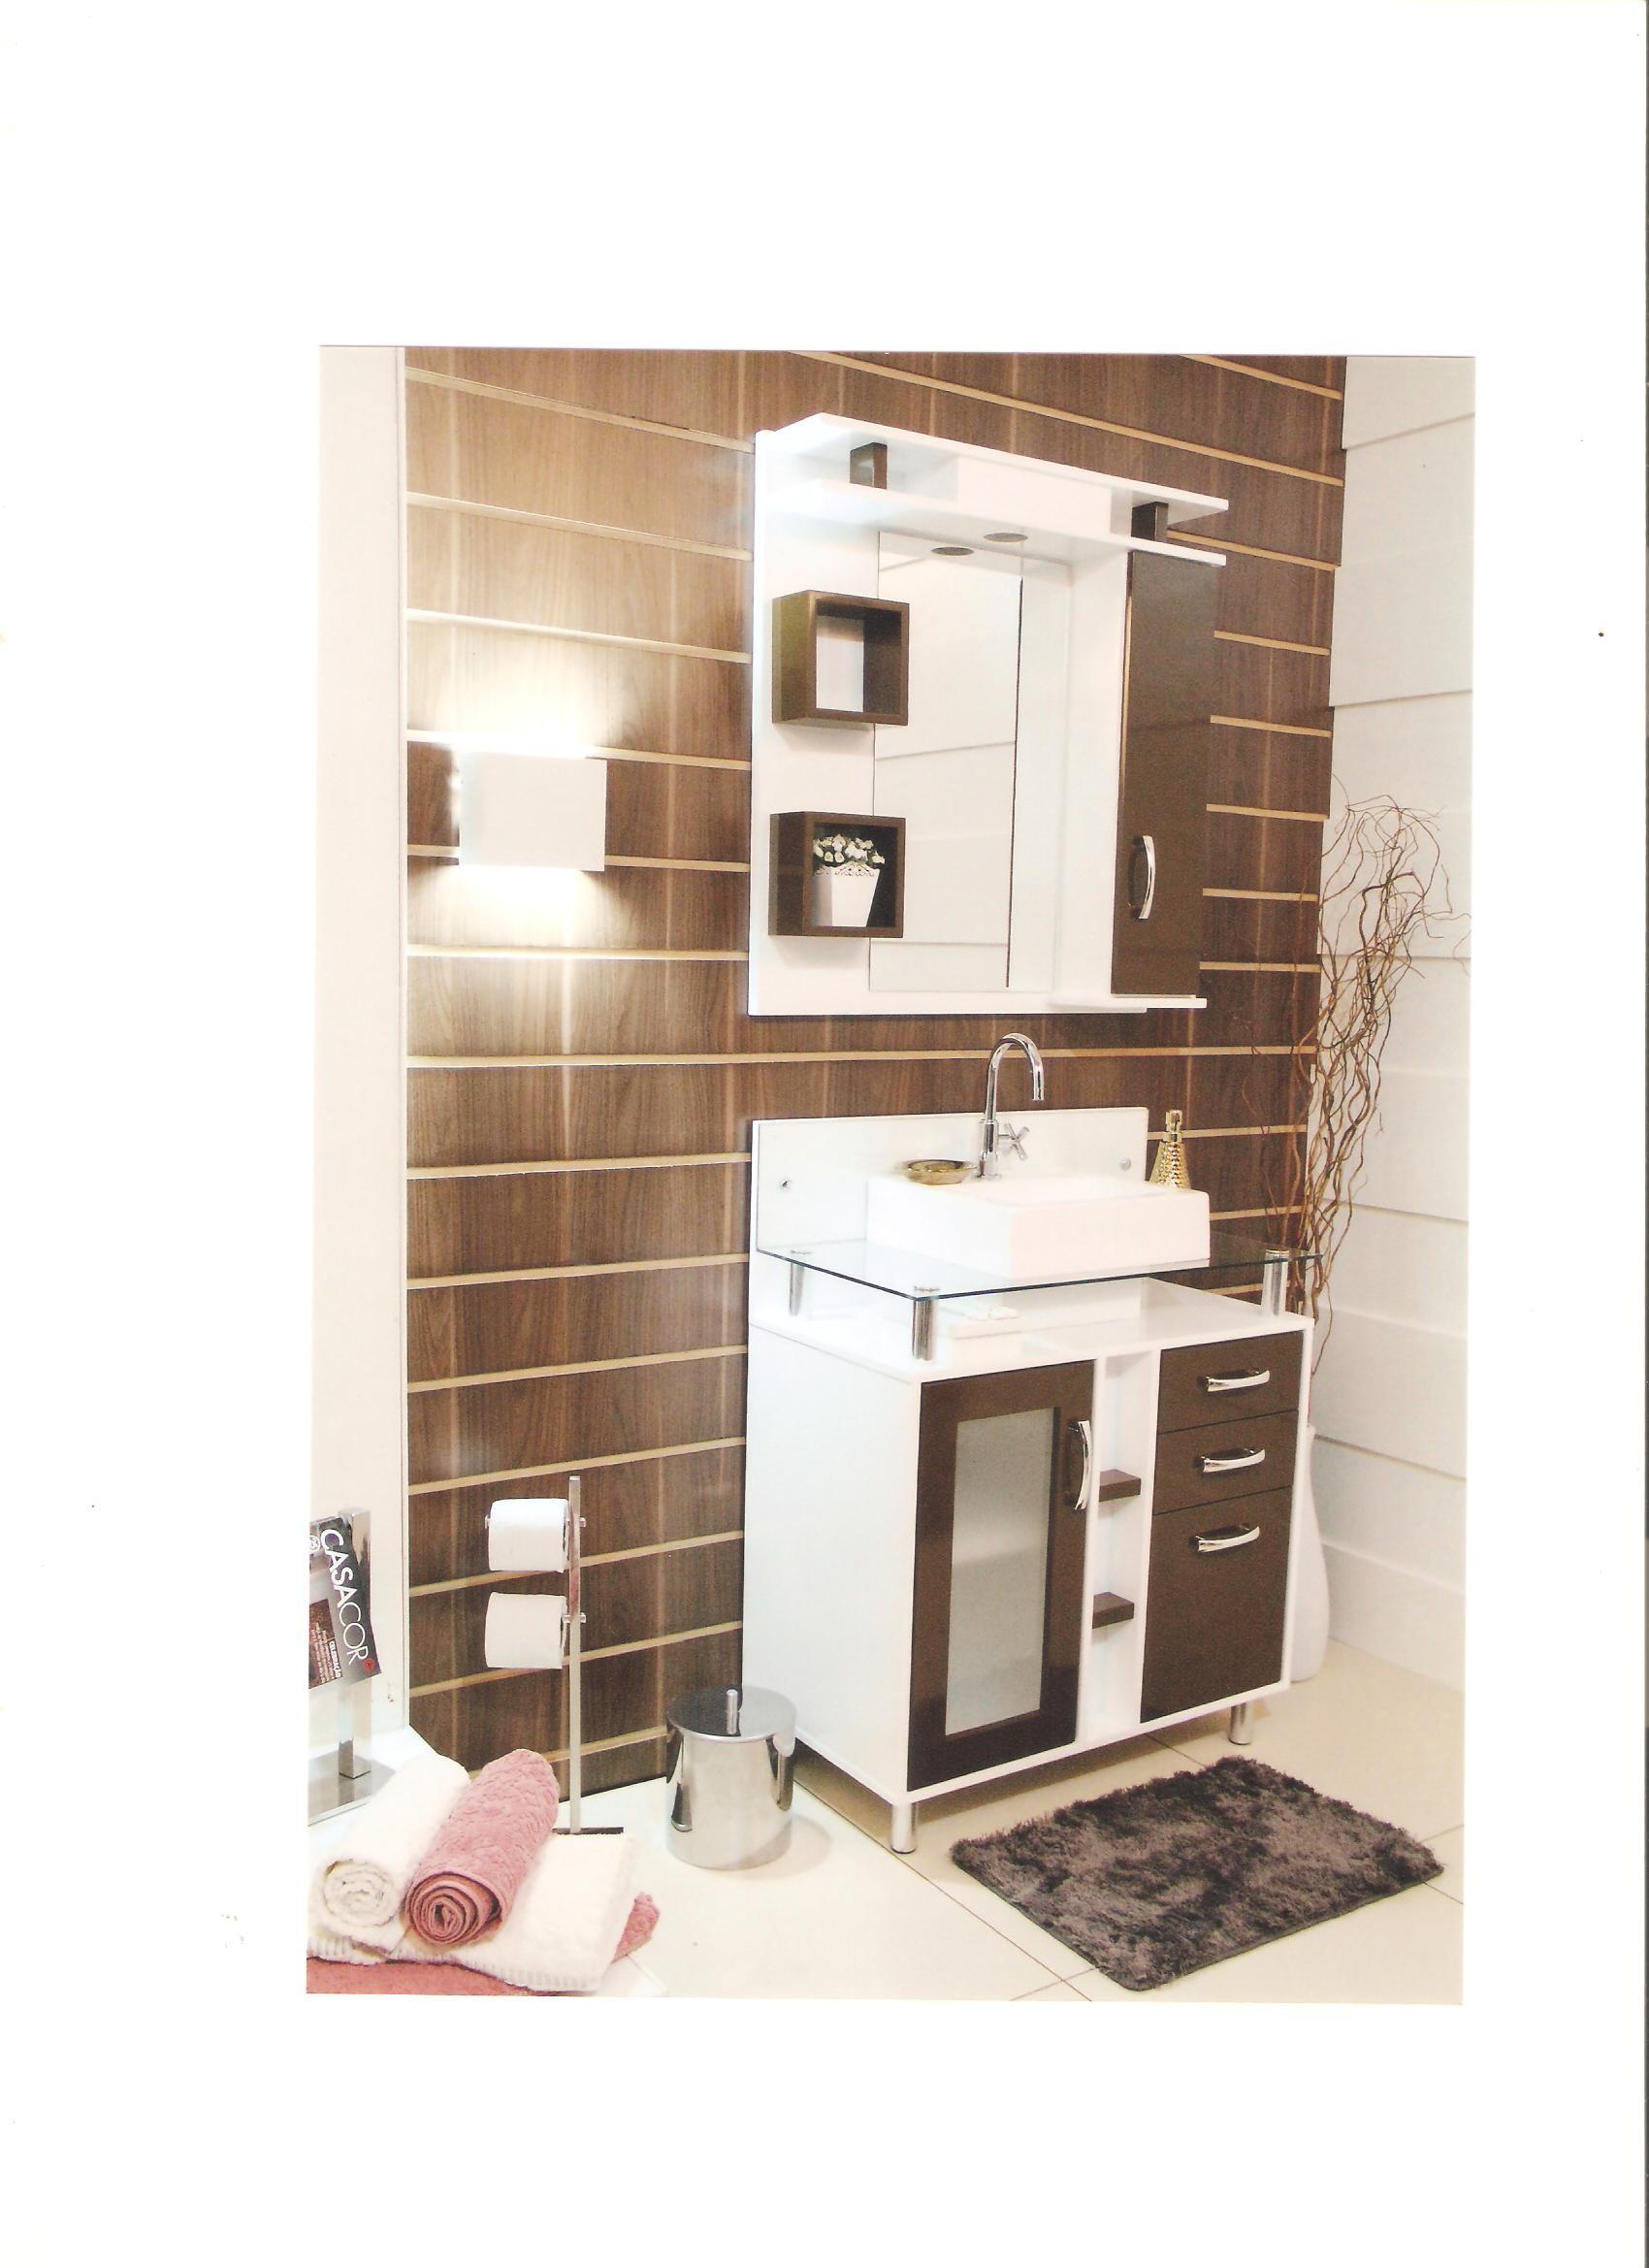 BALCÃO DE BANHEIRO R.M.C MÓVEIS ZIERKE Produtos Pehnk Materiais  #8B6540 1700x2338 Balcao Banheiro Fibra